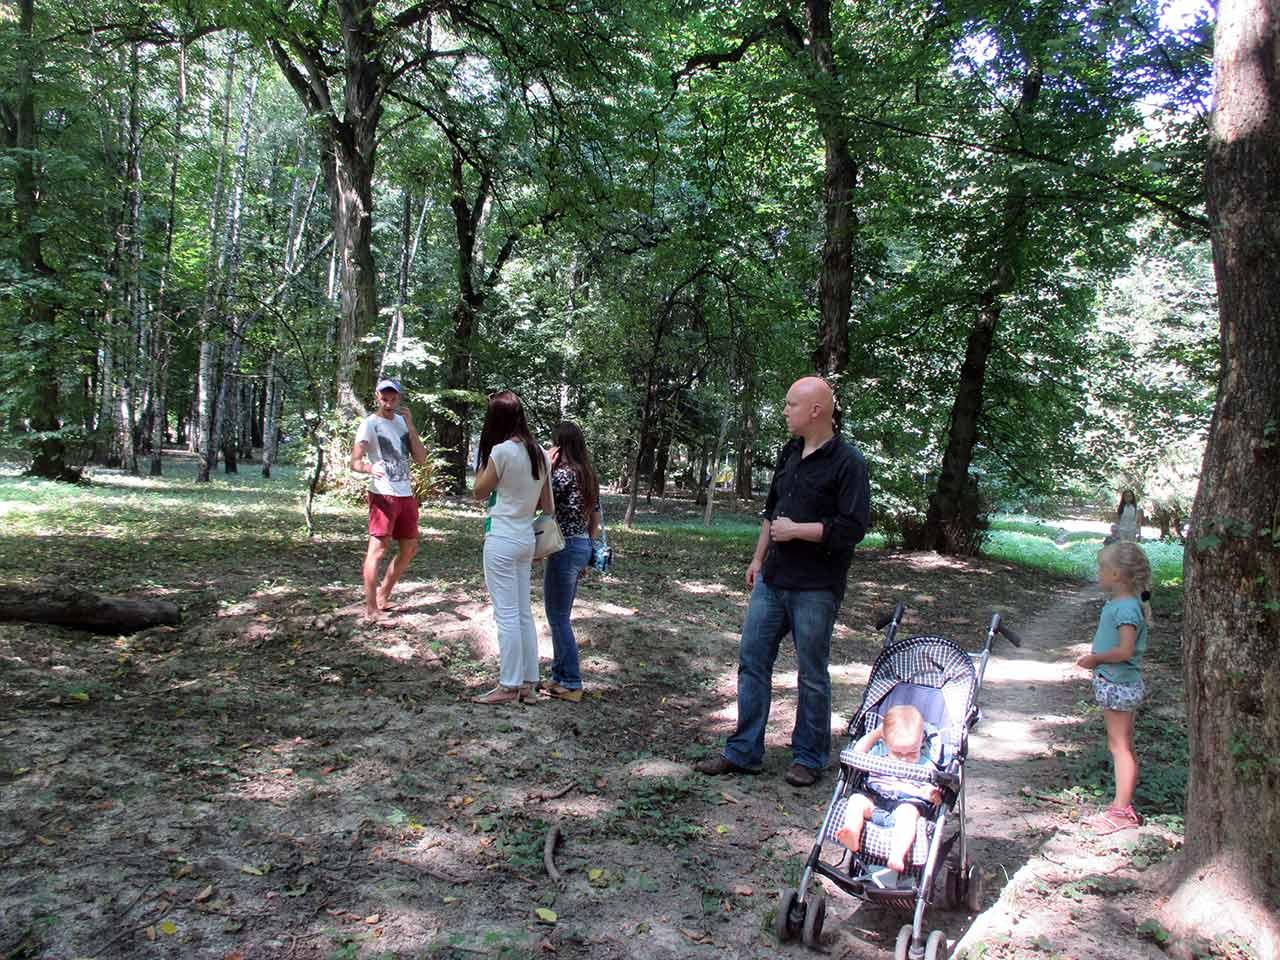 Grupa badaczy-amatorów z Ukrainy i Polski szuka śladów po polskich pochówkach na terenie parku kultury